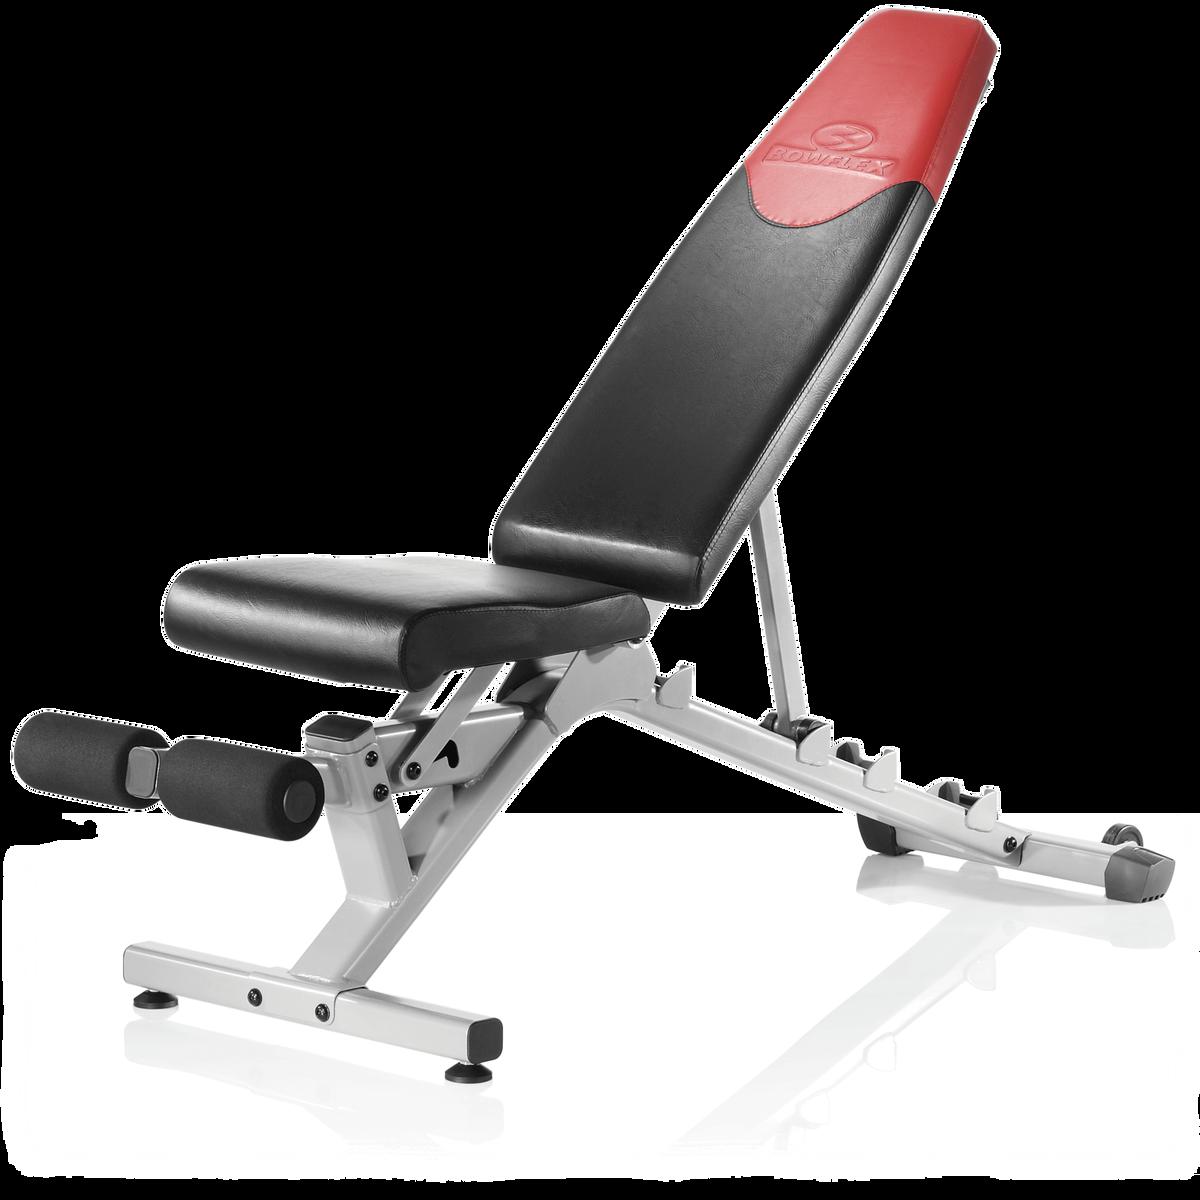 Bowflex SelectTech 560, Bench, and Stand Bundle | Bowflex